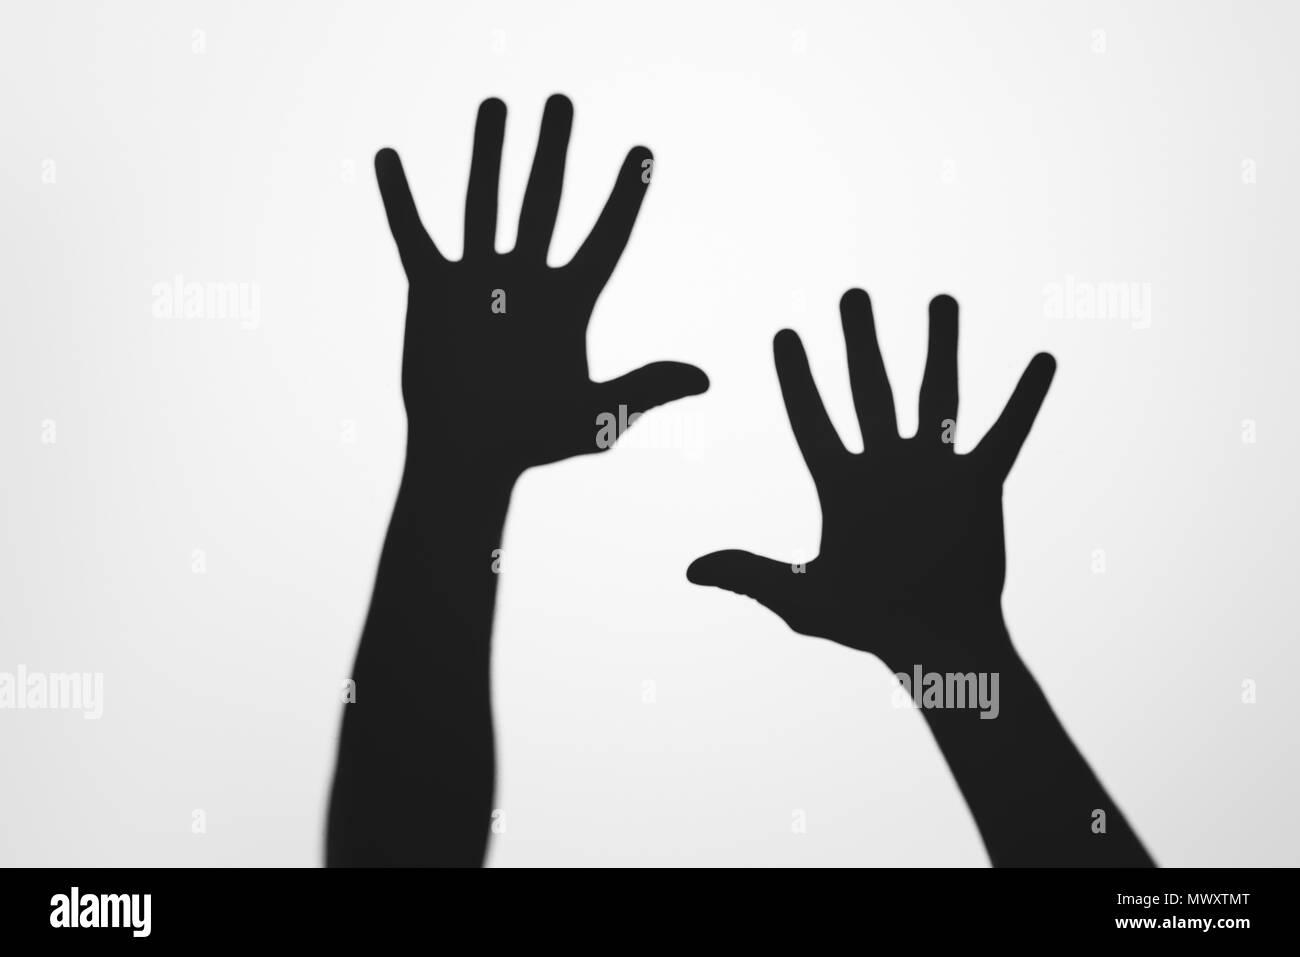 Ombres mystérieuses de mains humaines sur gris Photo Stock